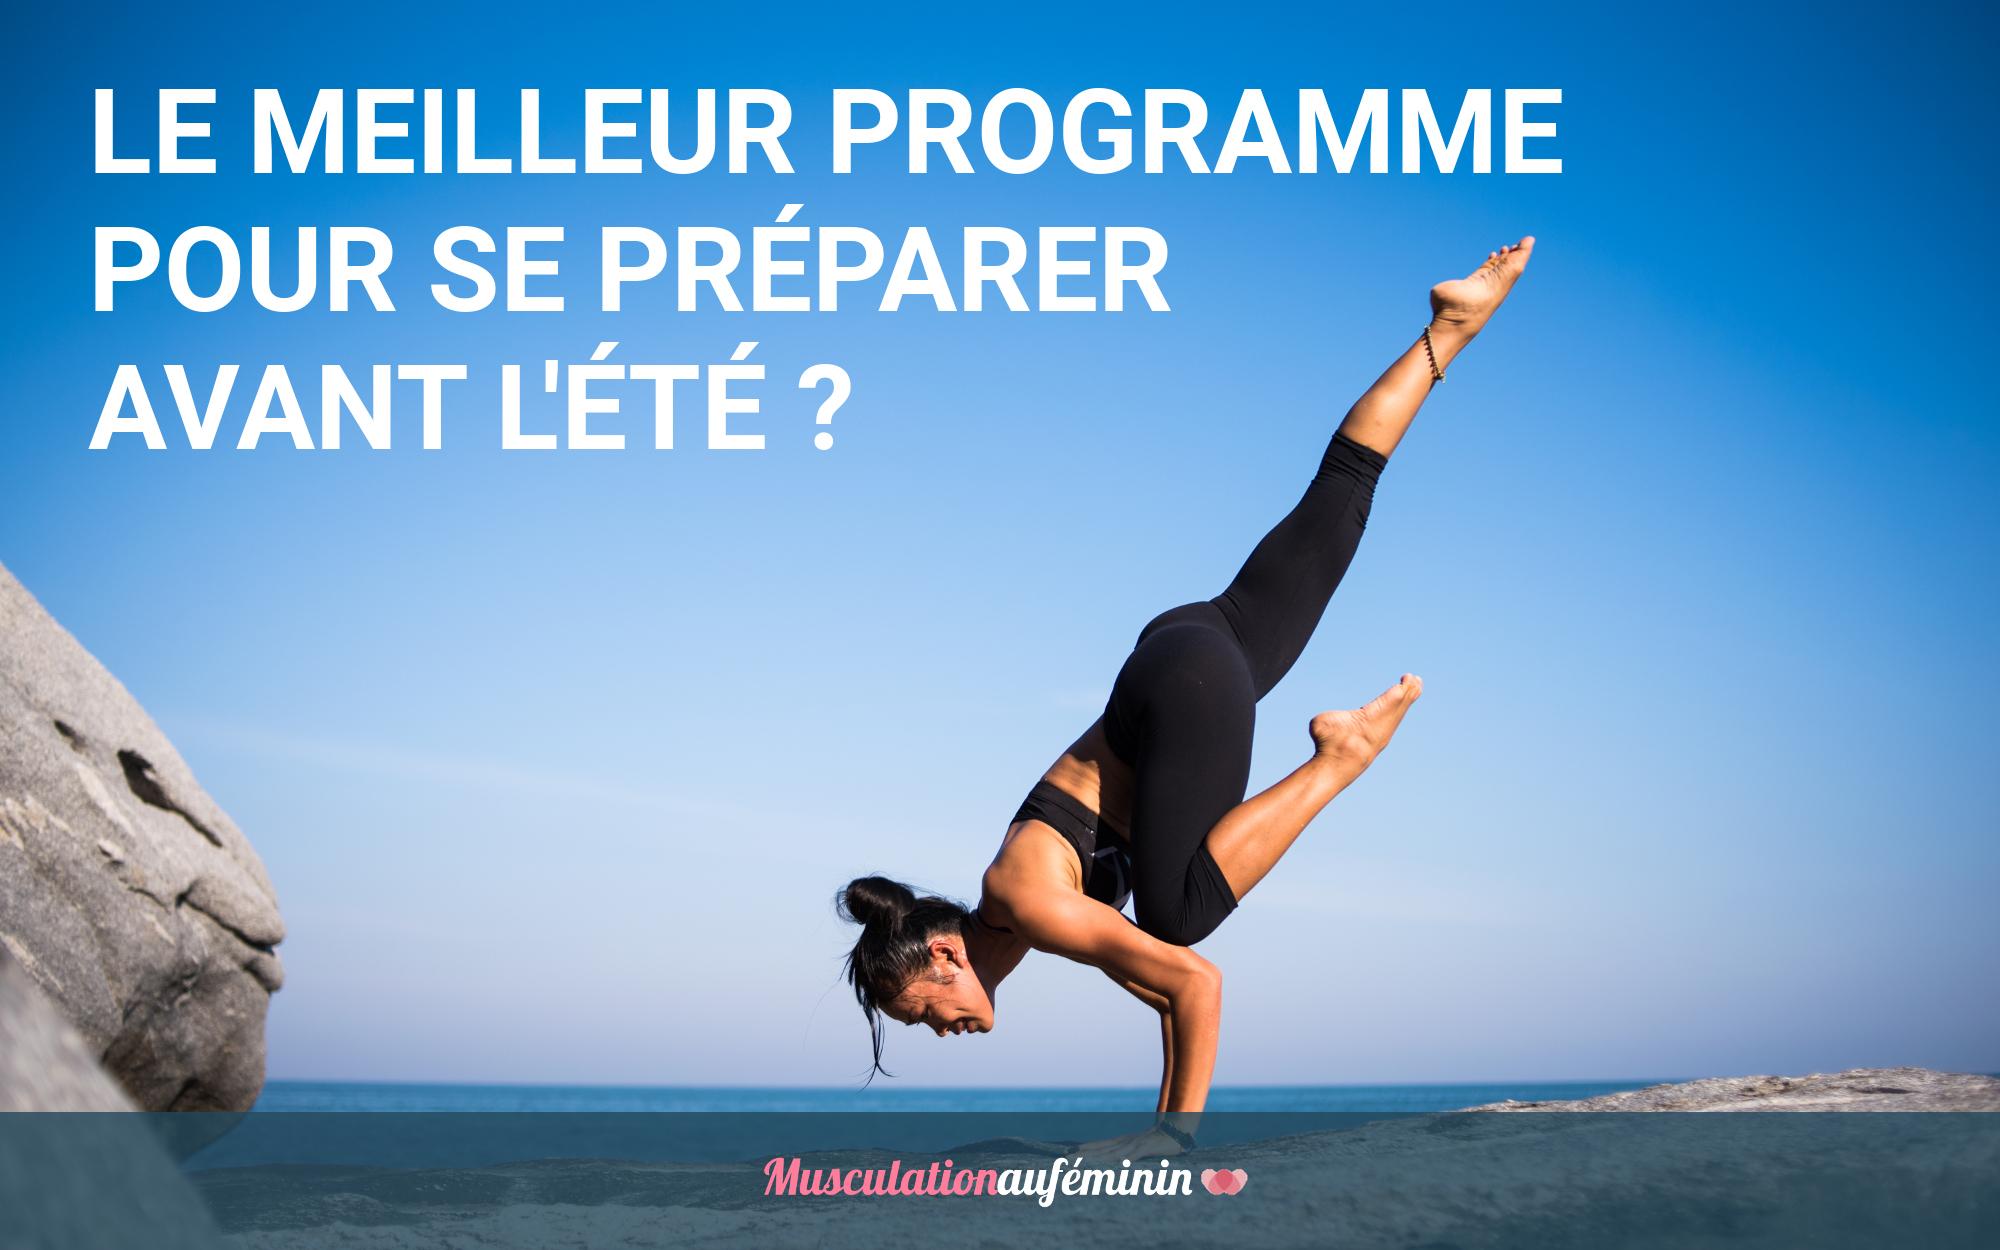 Musculation au féminin – Programmes, conseils et outils